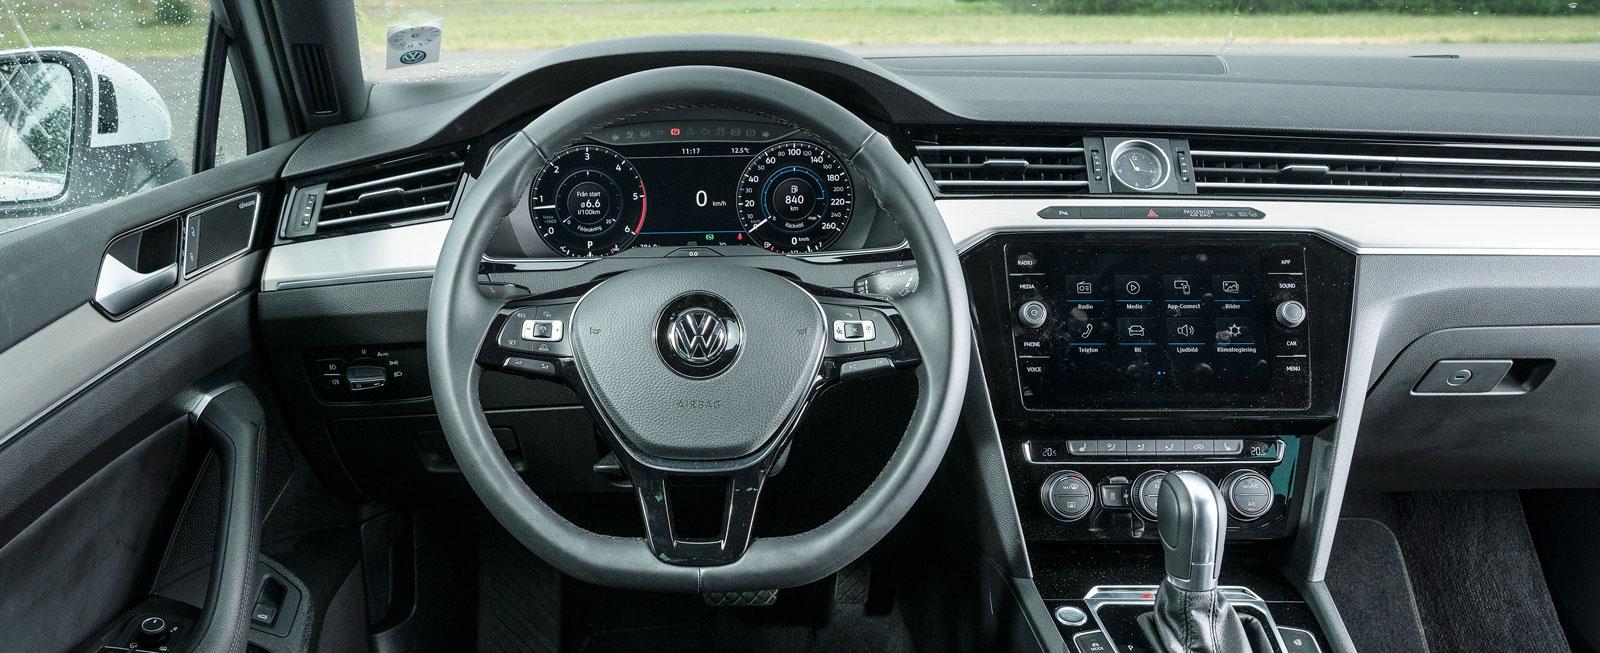 VW:s lite högre, strama förarmiljö är genomtänkt i varje detalj. Känslan är ändå något taxiartad jämfört med Audis och Volvos stråkdrag av lyx.